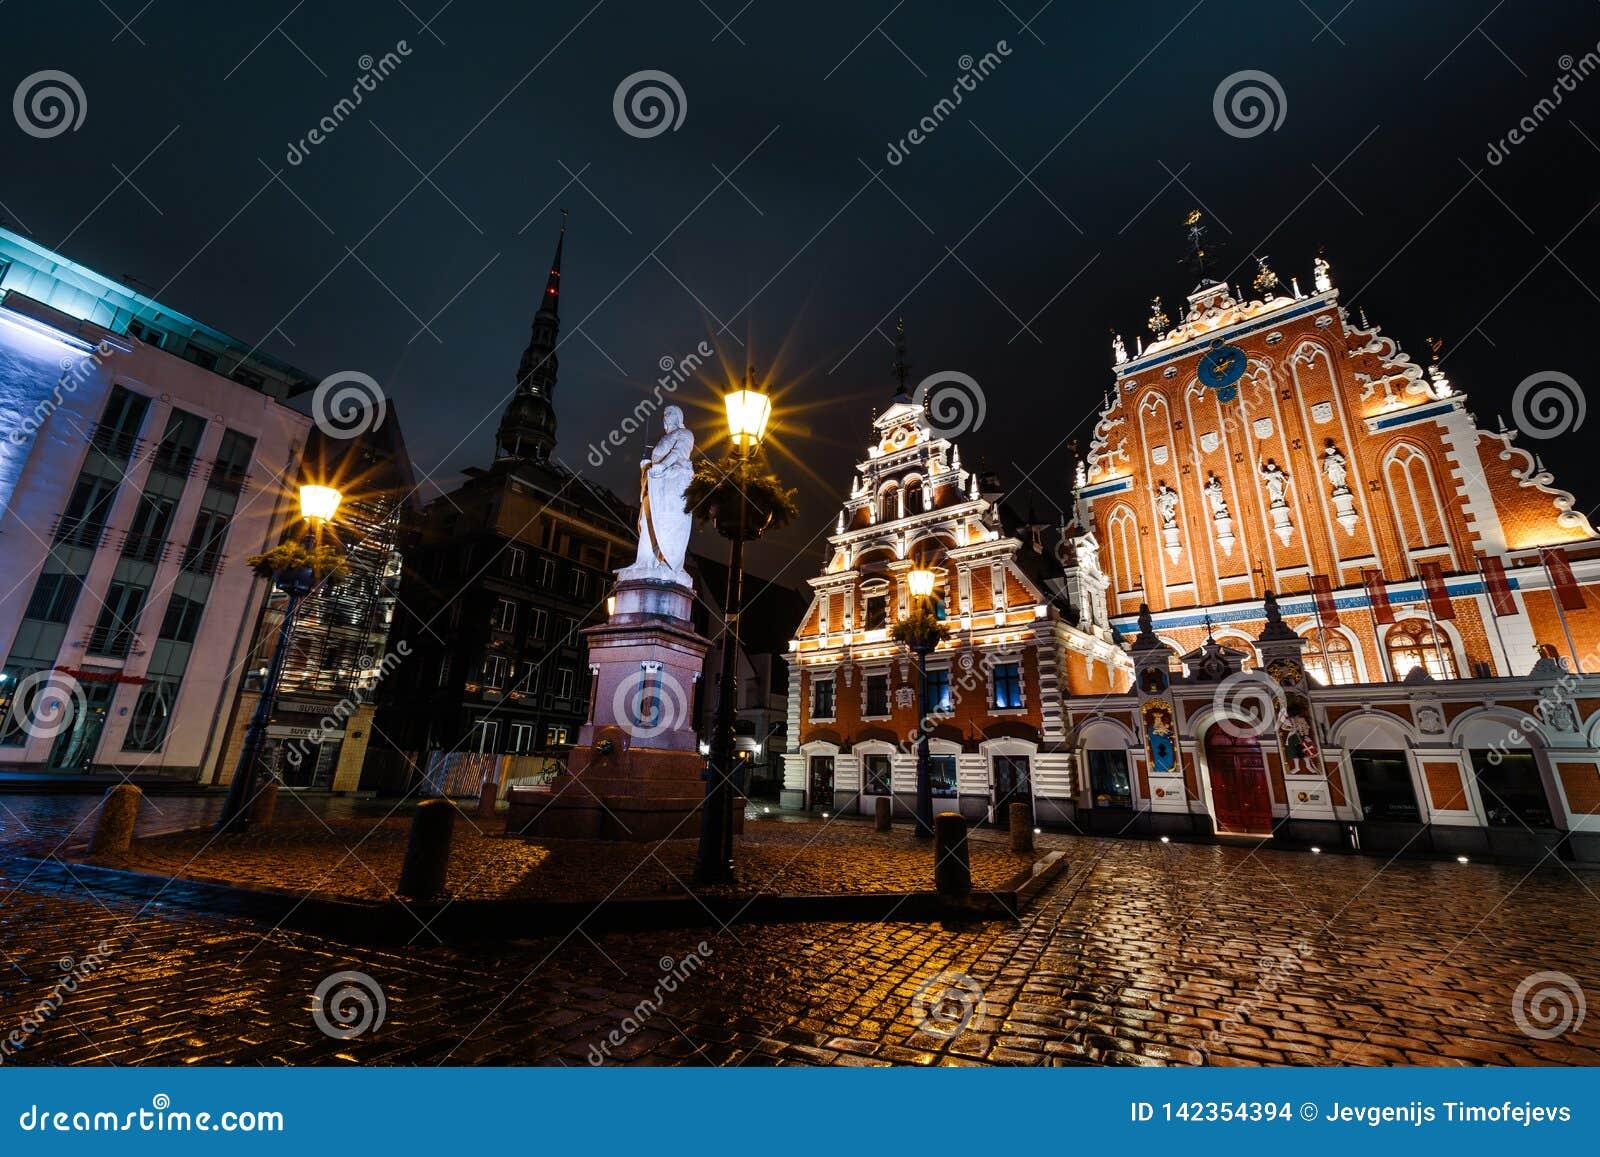 RIGA, LETLAND - MAART 17, 2019: De professionele lange blootstelling schoot bij een regenachtige nacht die Huis van Meeëters onde